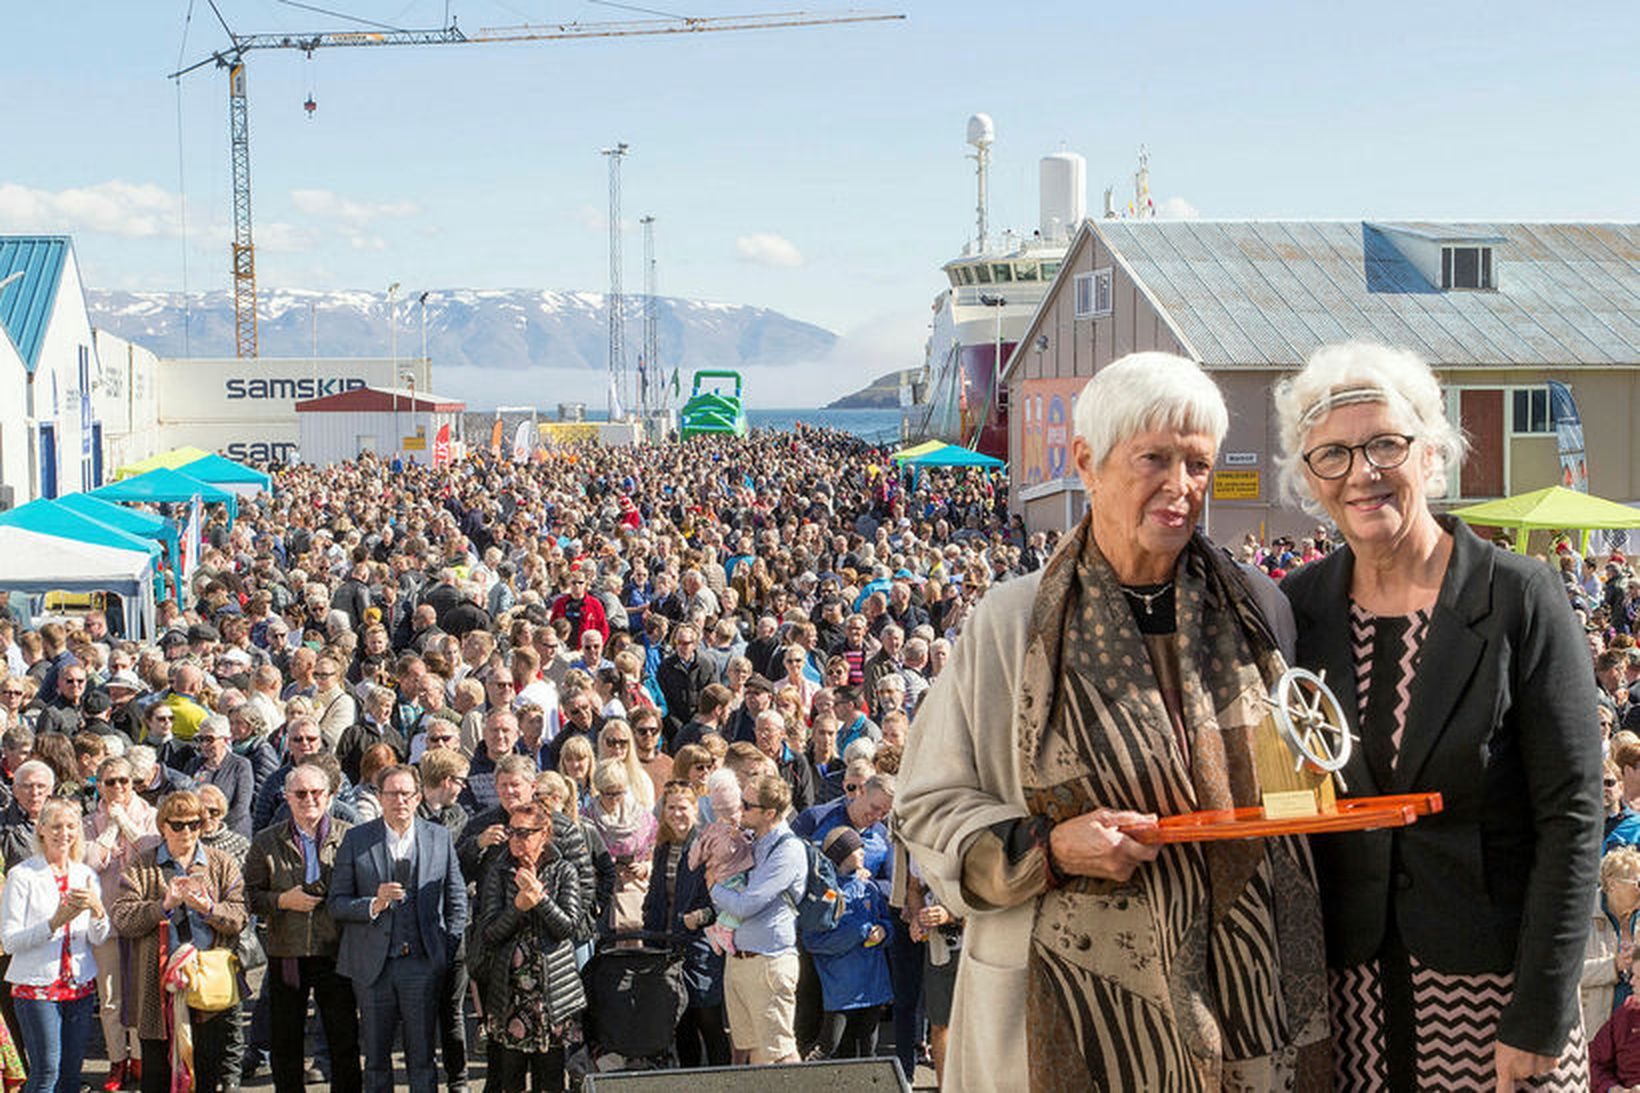 Aldrei hafa fleiri verið á fiskideginum mikla á Dalvík en …